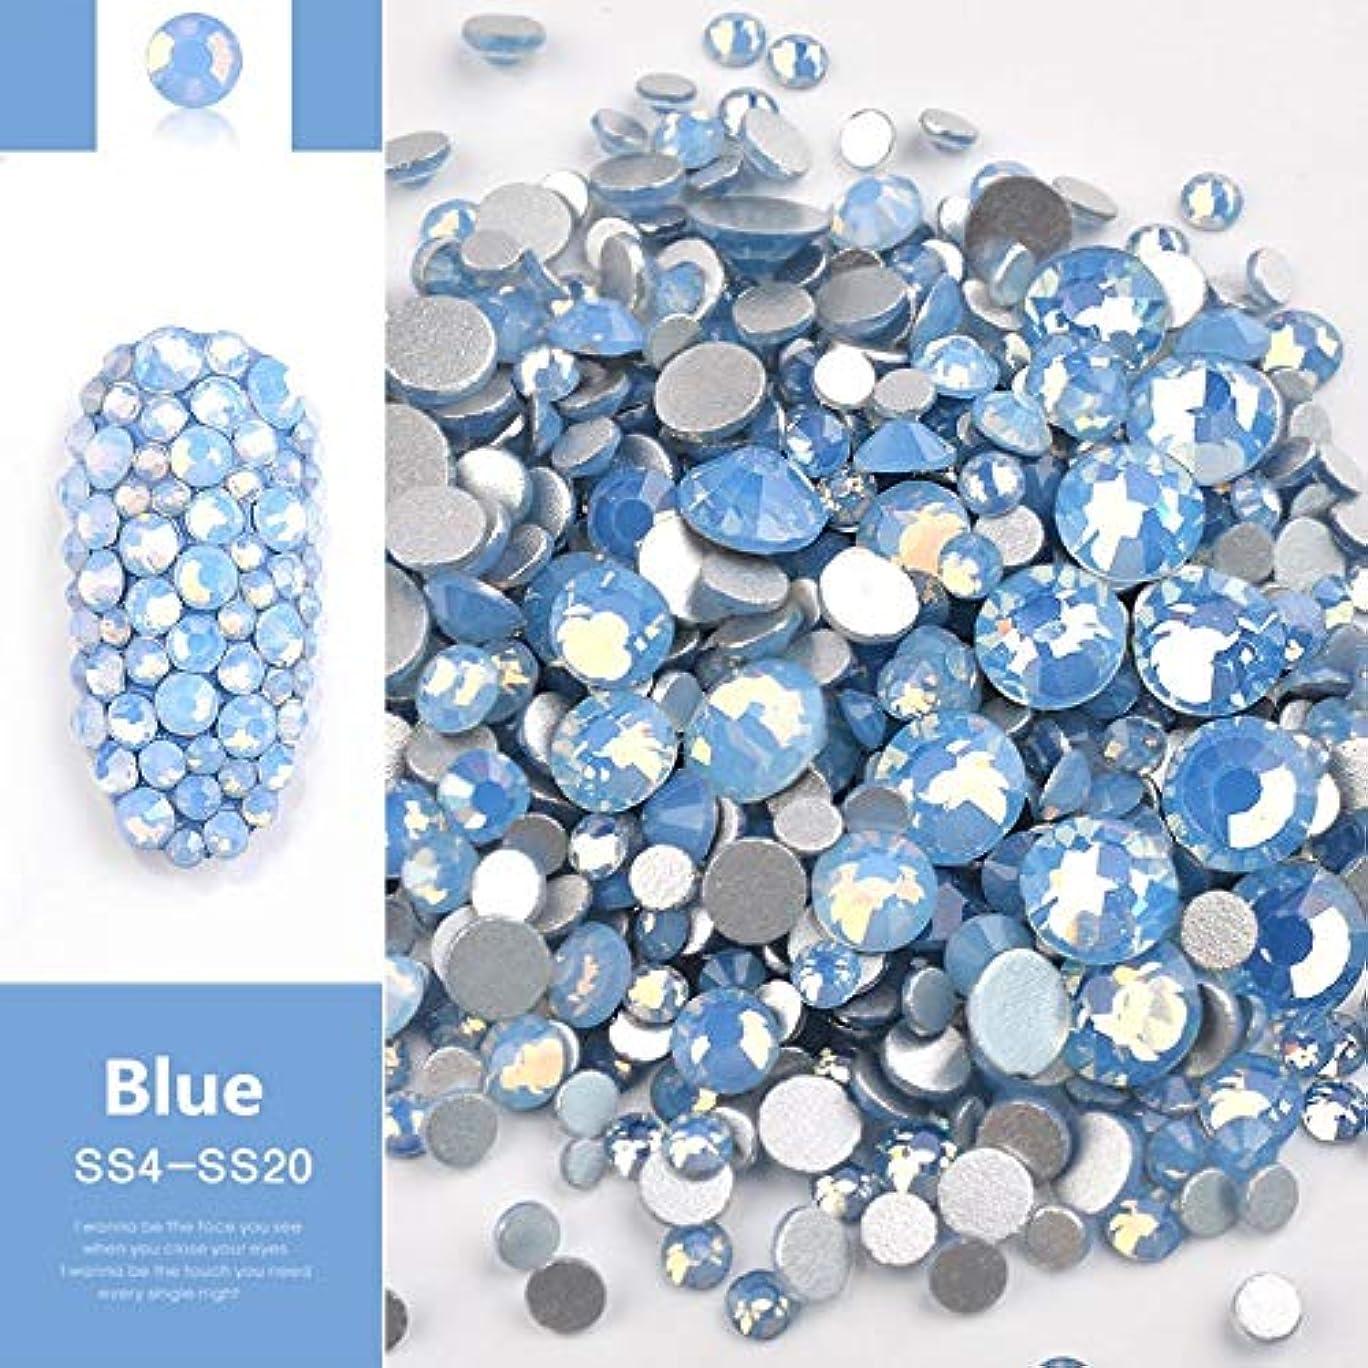 蜜あなたはコストJiaoran ビーズ樹脂クリスタルラウンドネイルアートミックスフラットバックアクリルラインストーンミックスサイズ1.5-4.5 mm装飾用ネイル (Color : Blue)